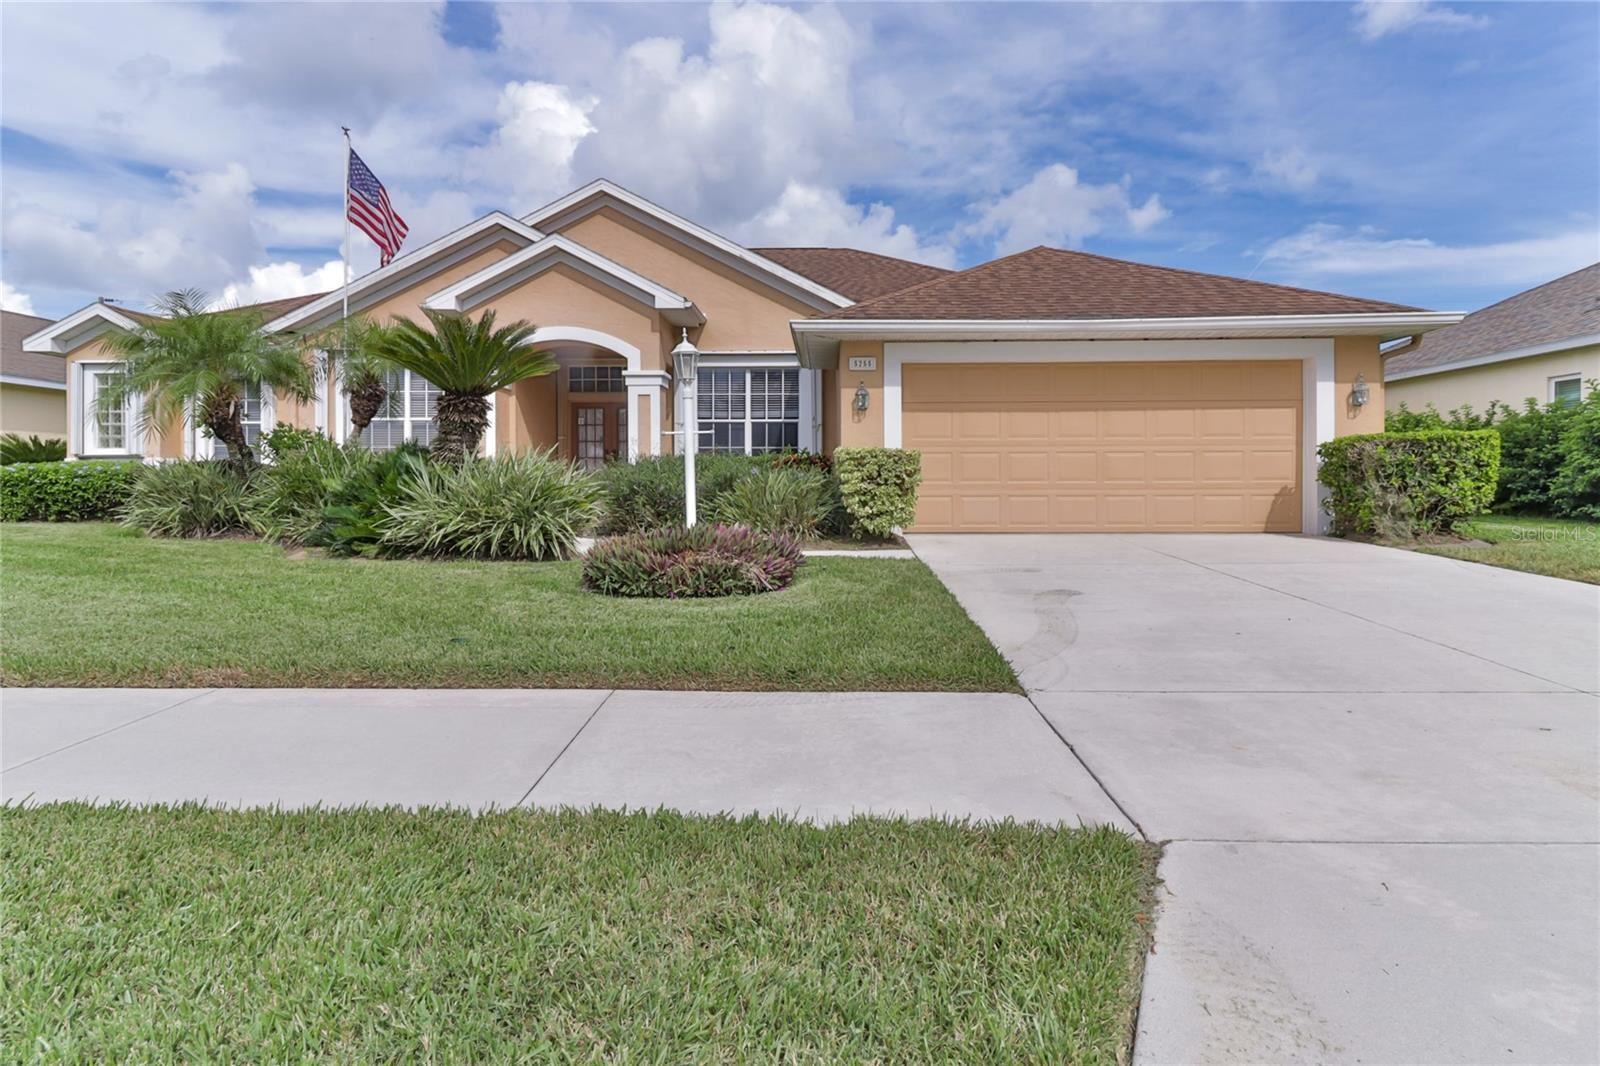 5255 MAGNOLIA POND DRIVE, Sarasota, FL 34233 - #: A4512101